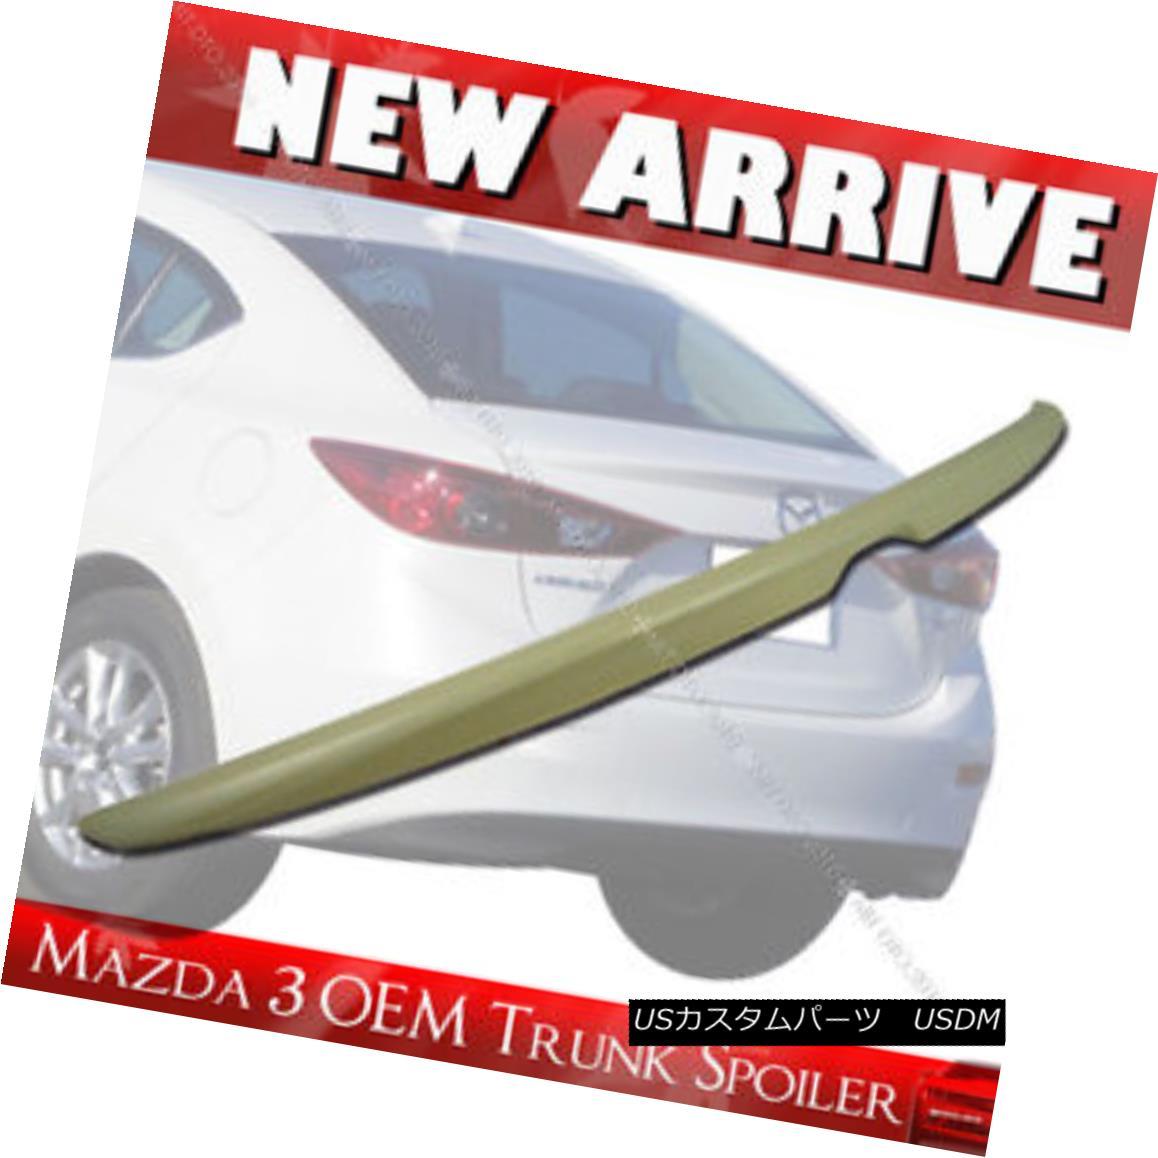 エアロパーツ Painted MAZDA 3 OE ABS Trunk Lip Spoiler Rear Wing 2014-2017 4DR Sedan § MAZDA 3 OE ABSトランクリップスポイラーリアウィング2014-2017塗装4DRセダン